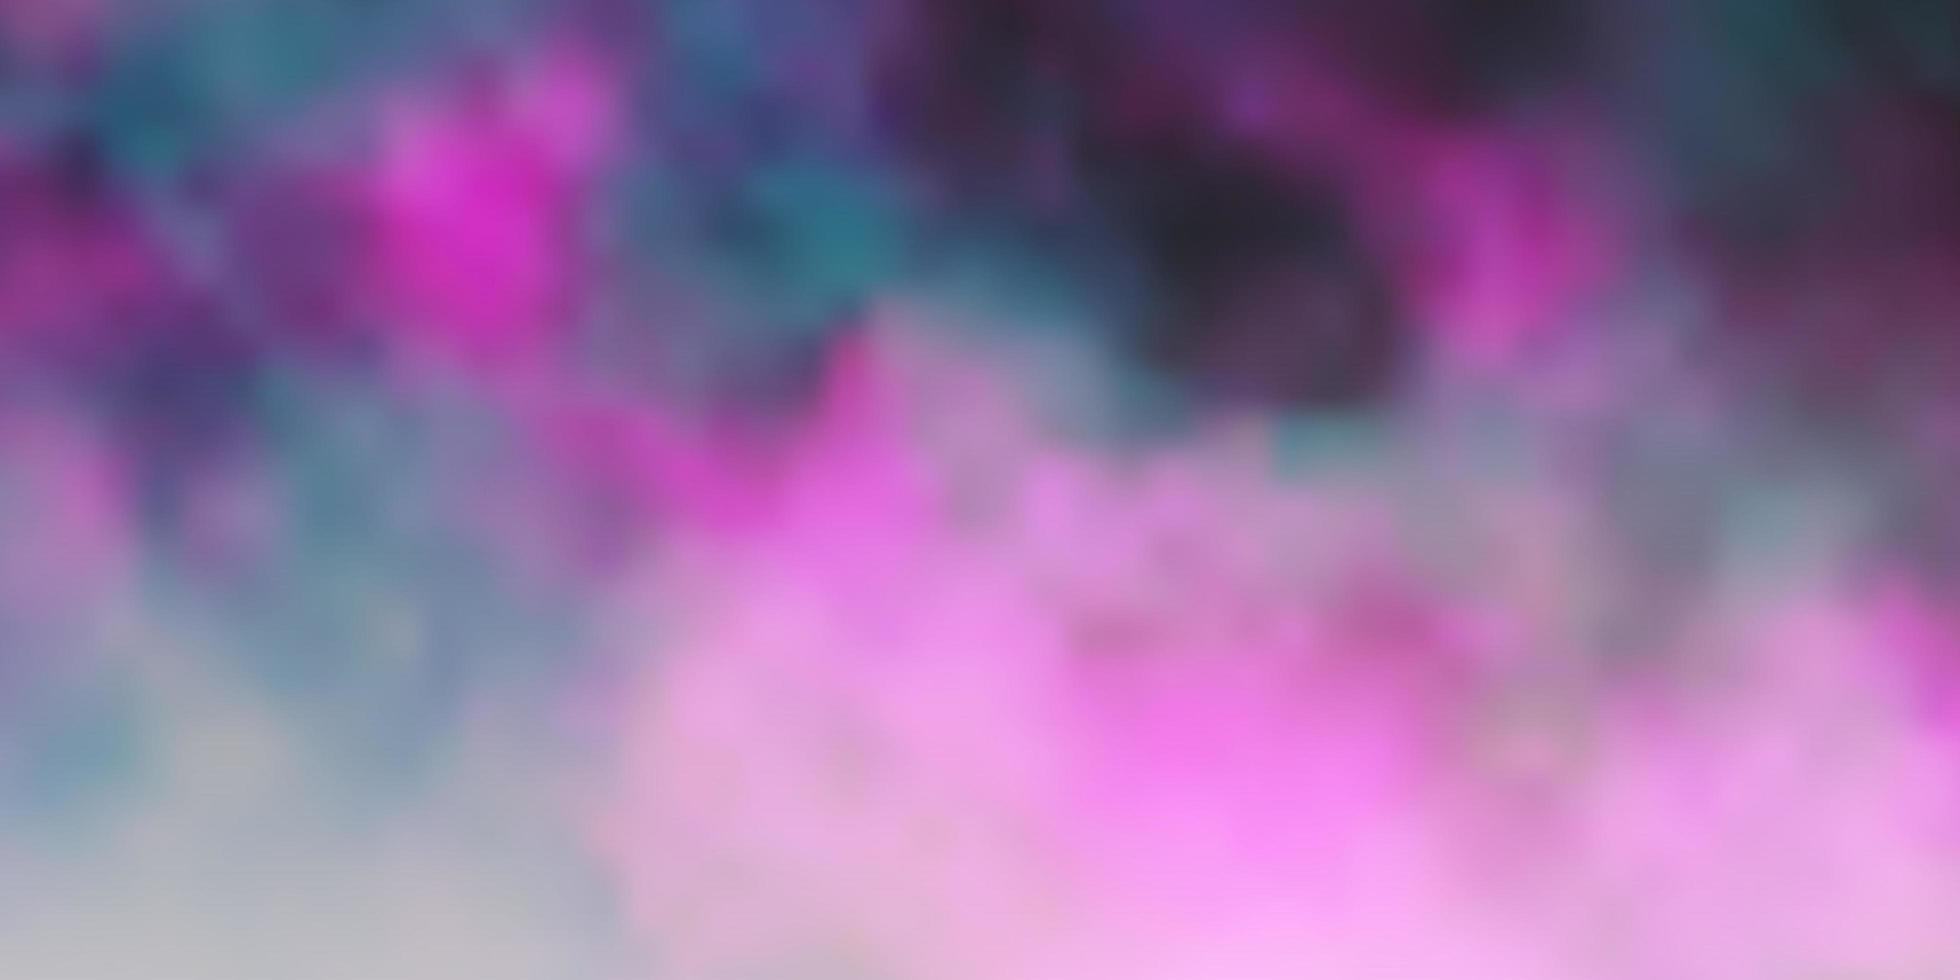 mörkrosa vektormönster med moln. vektor